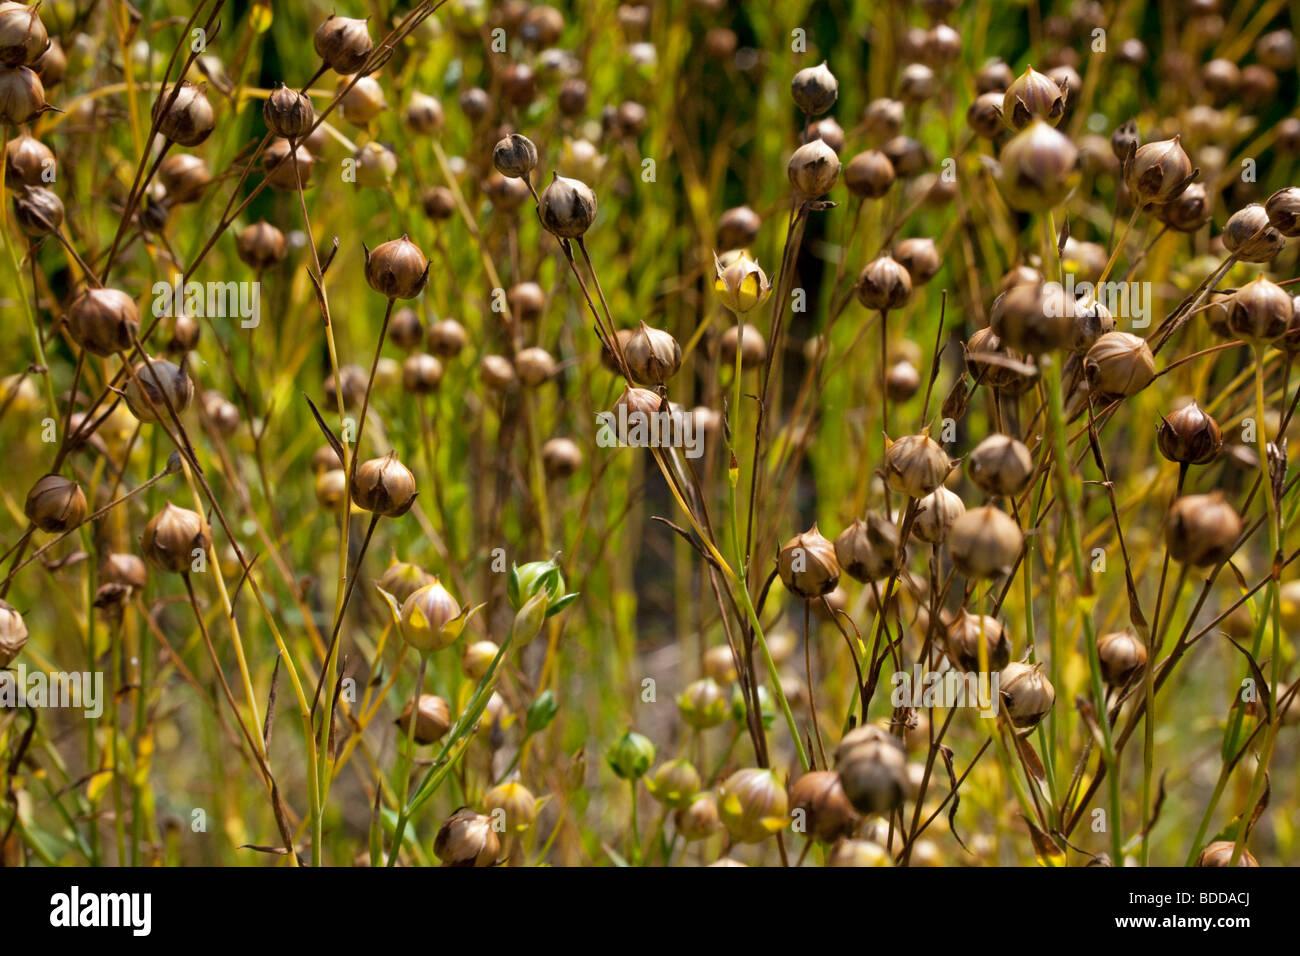 Flax, Linum Usitatissimum - Stock Image